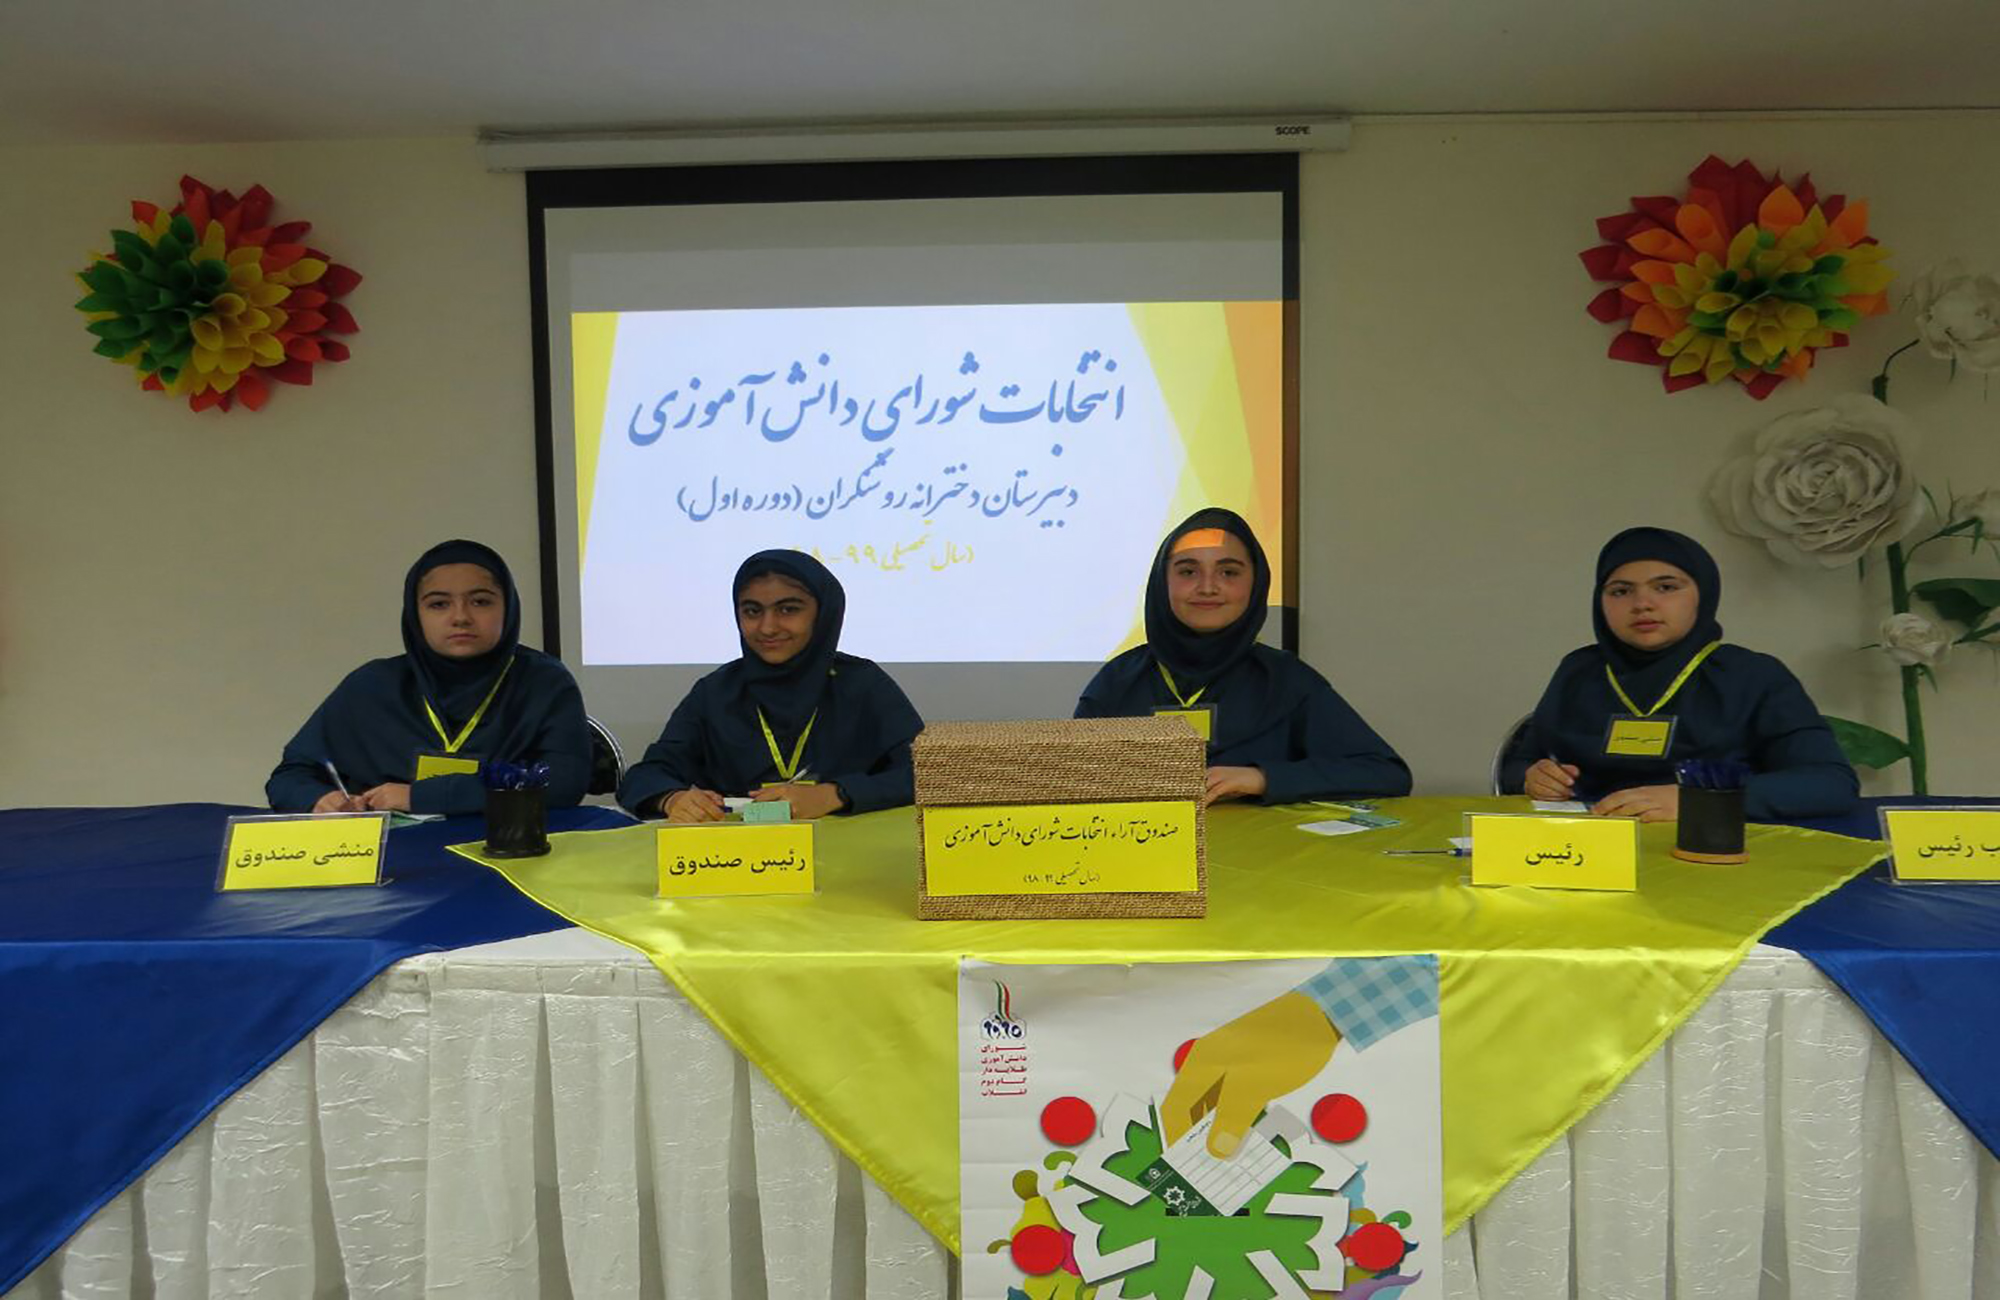 انتخابات شورای دانش آموزی (4)